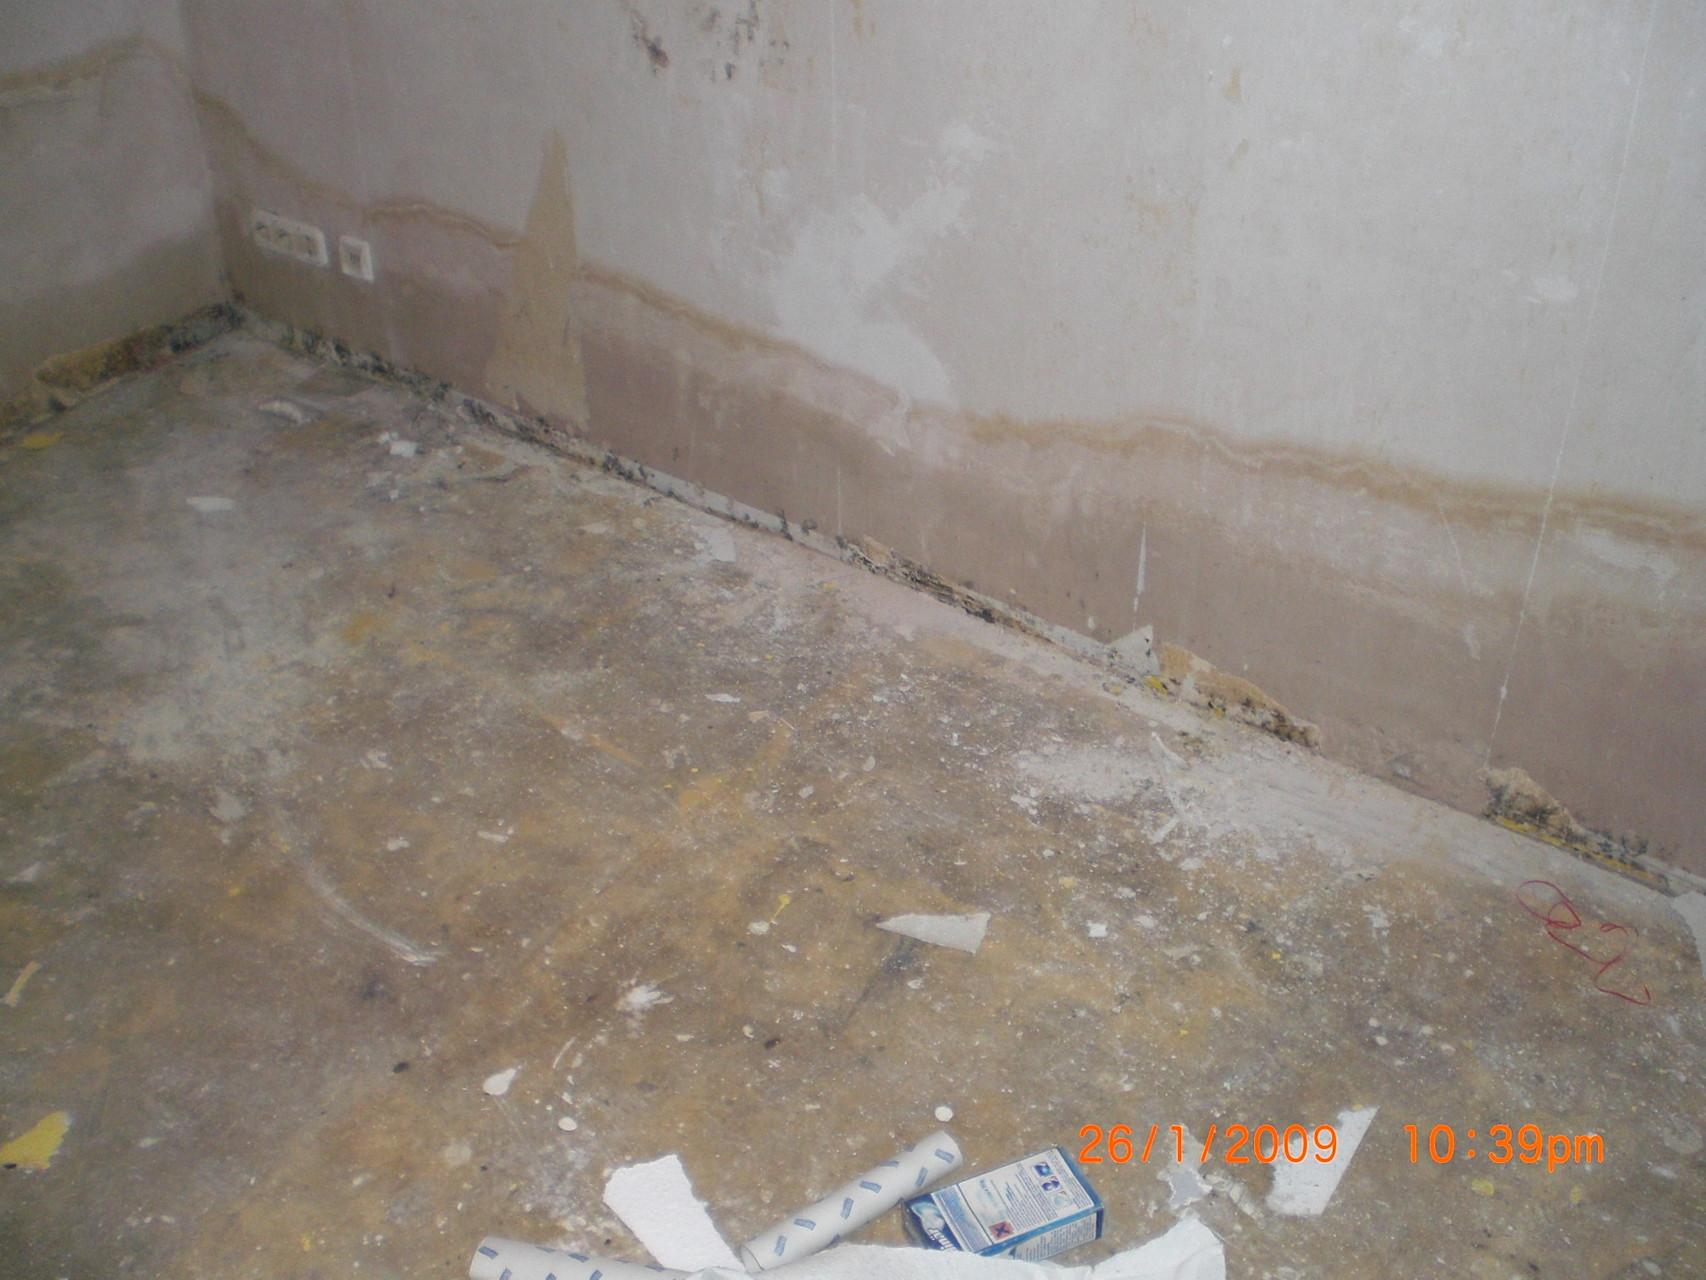 Abwasserschaden im Keller